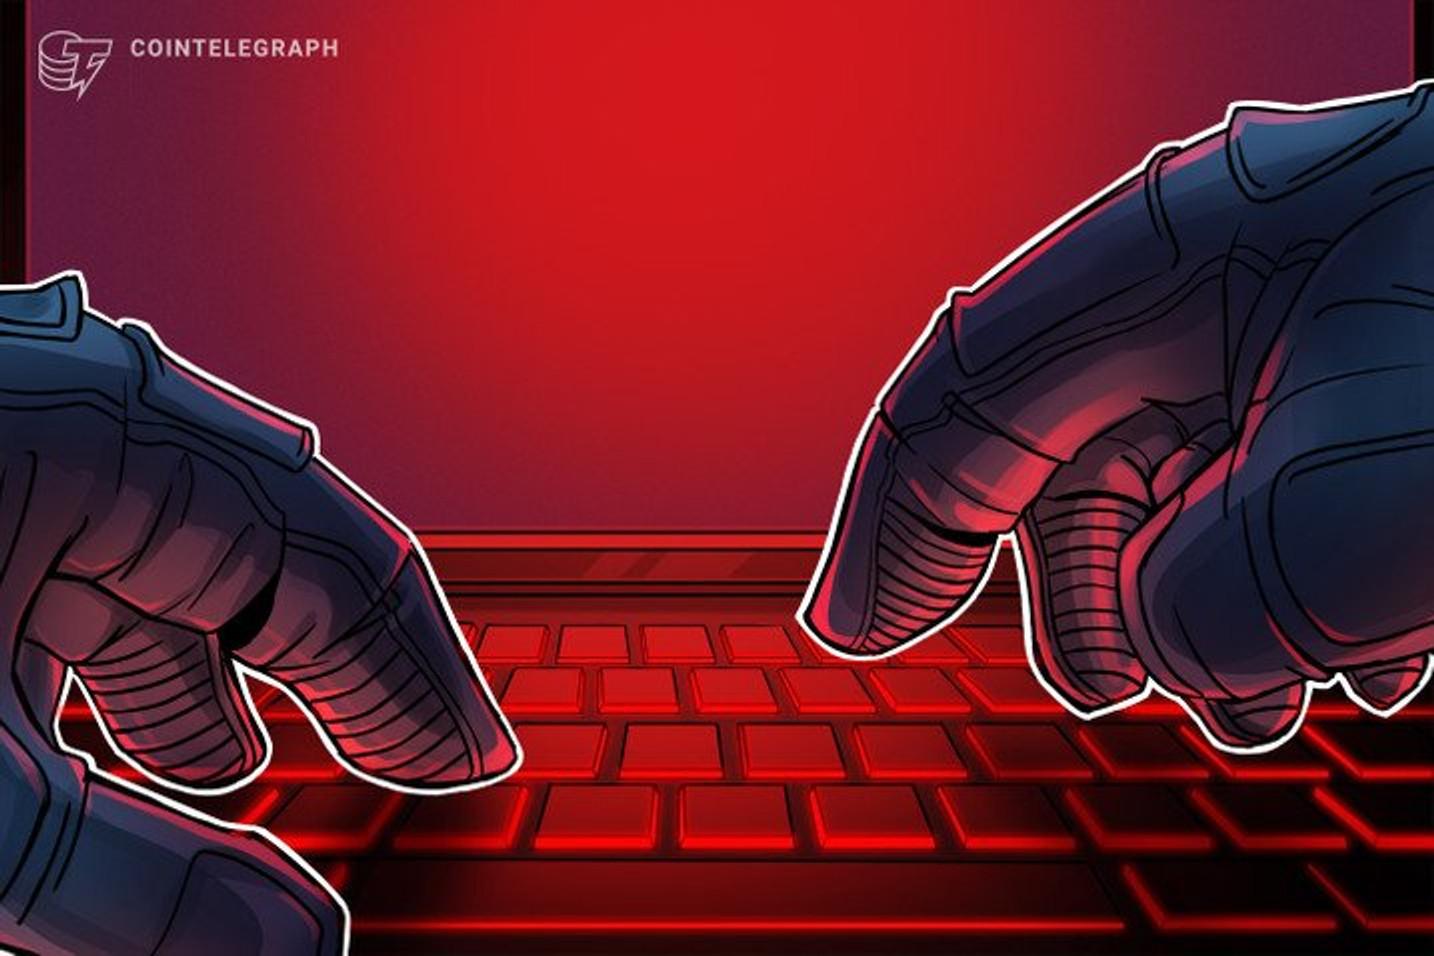 Fraudes através de e-mails movimentaram US$ 1,7 bilhão em 2019